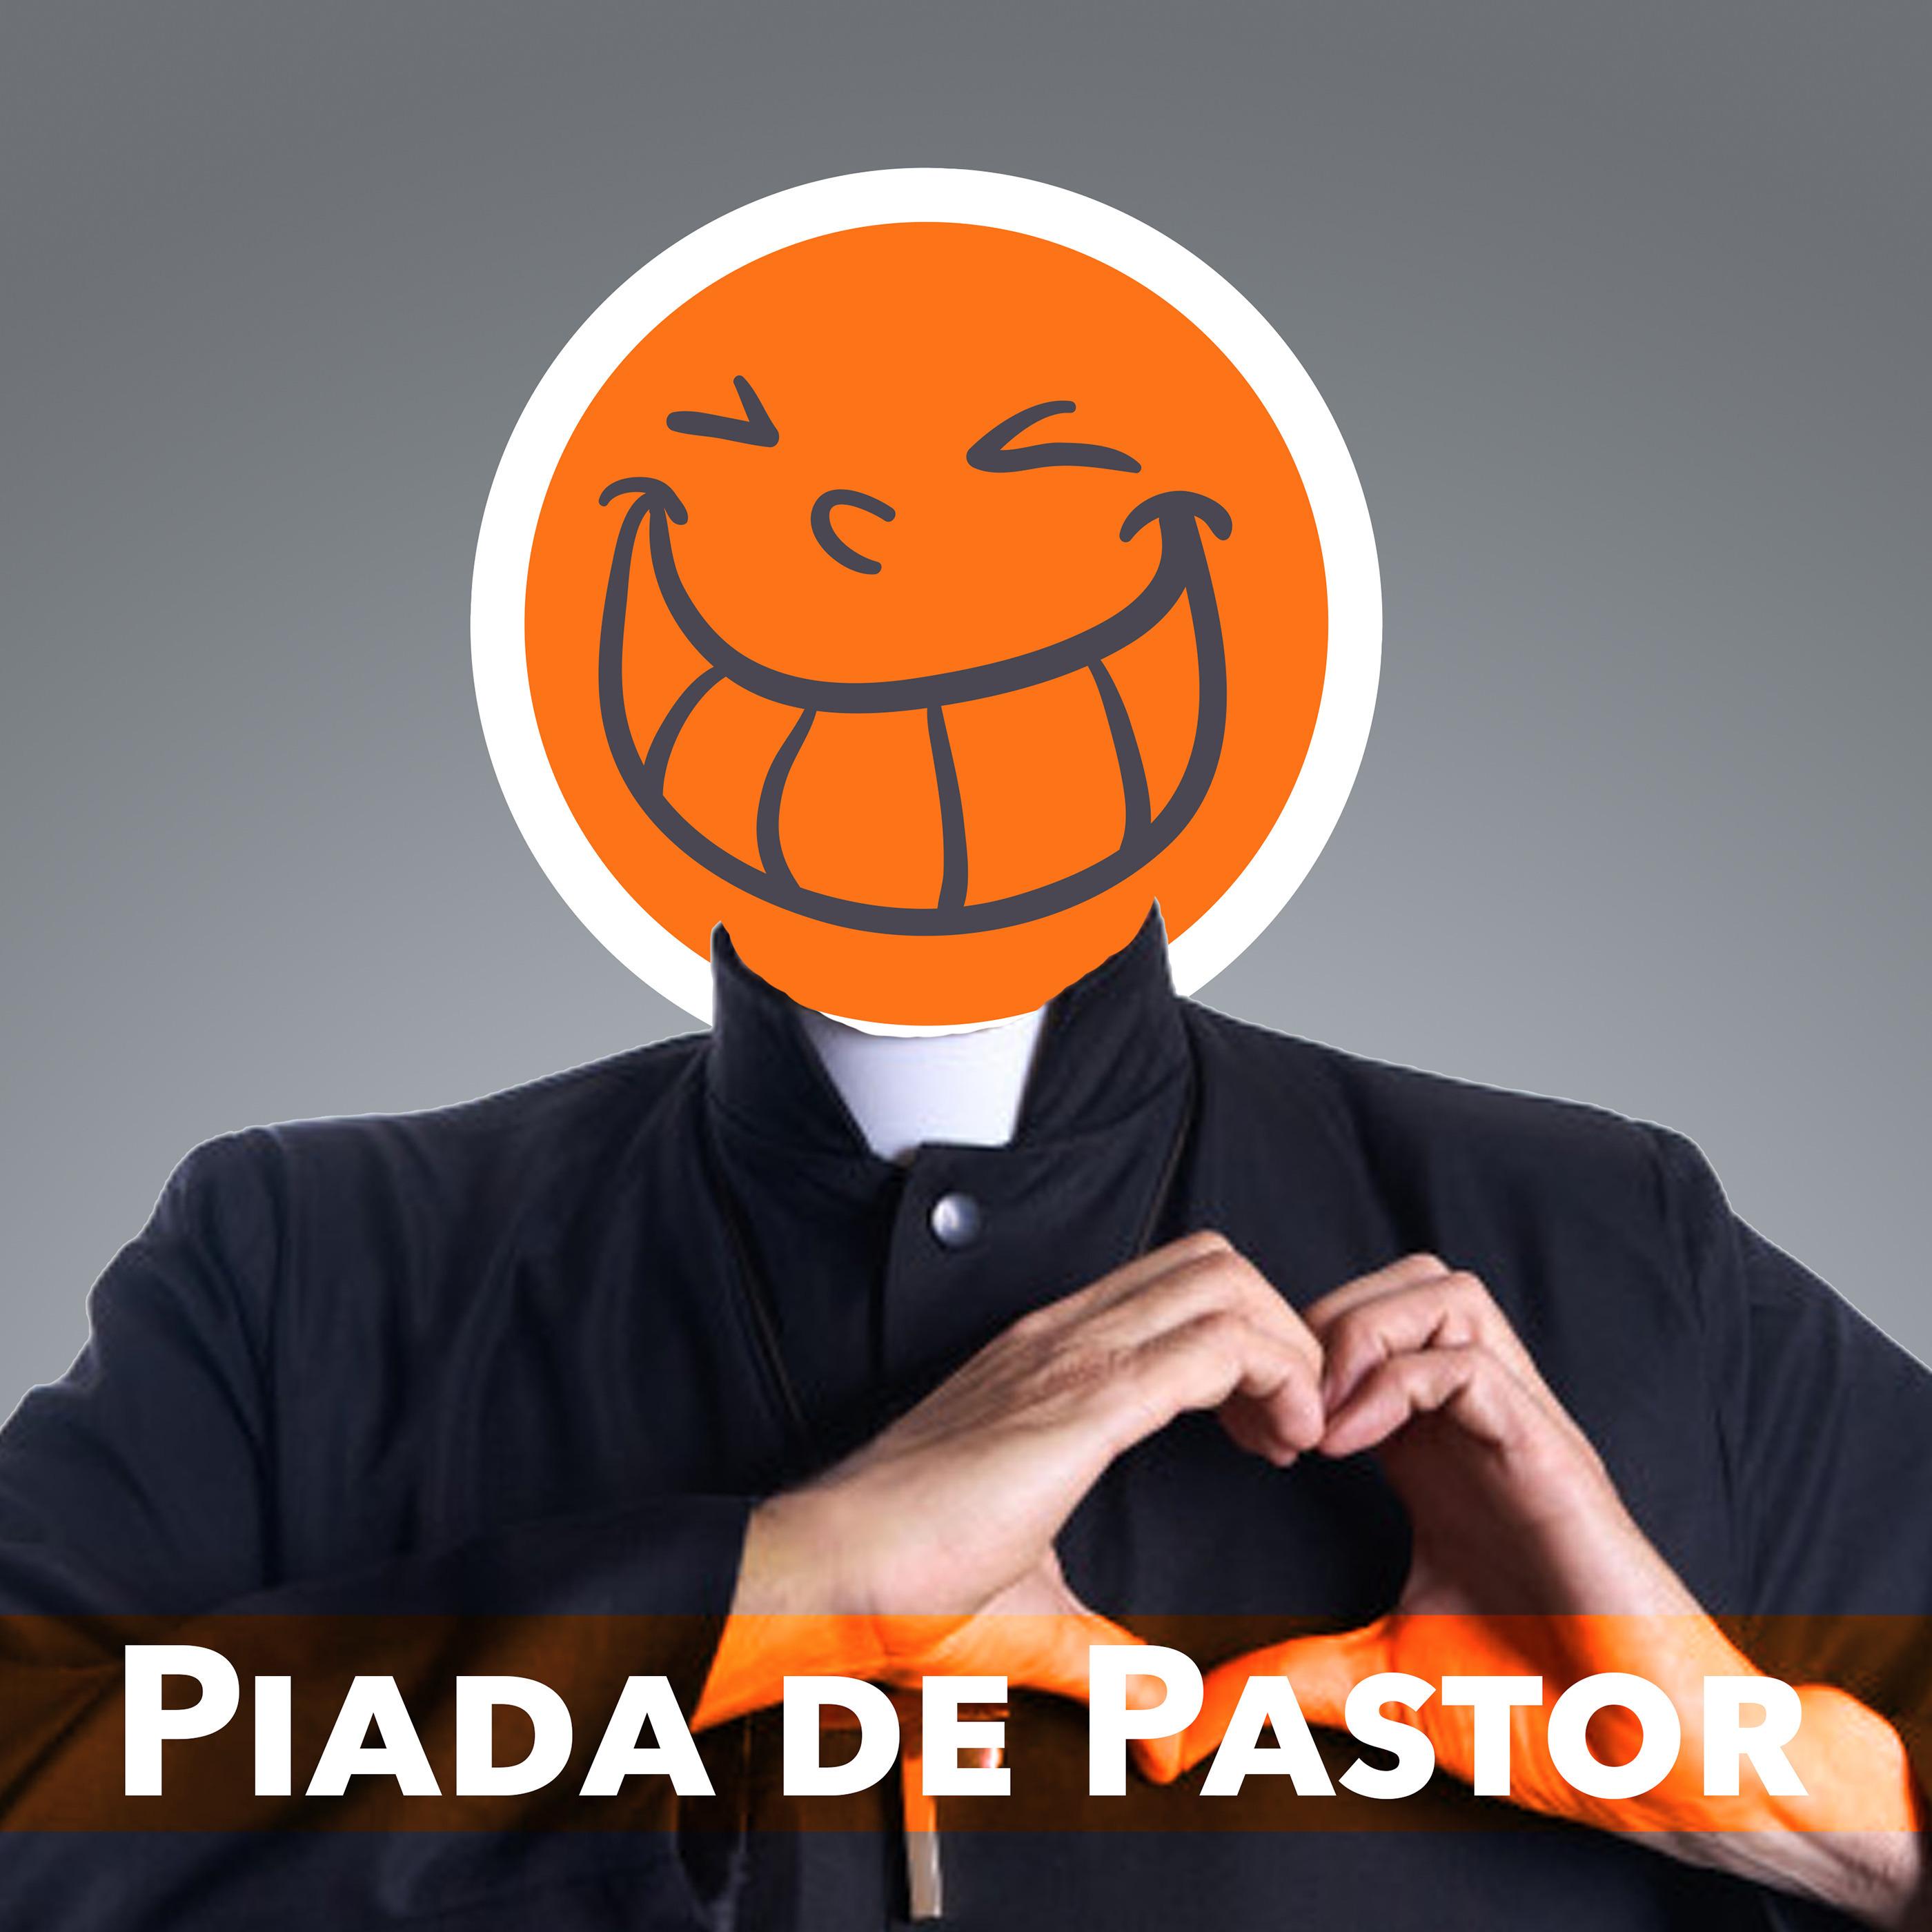 Piada de Pastor